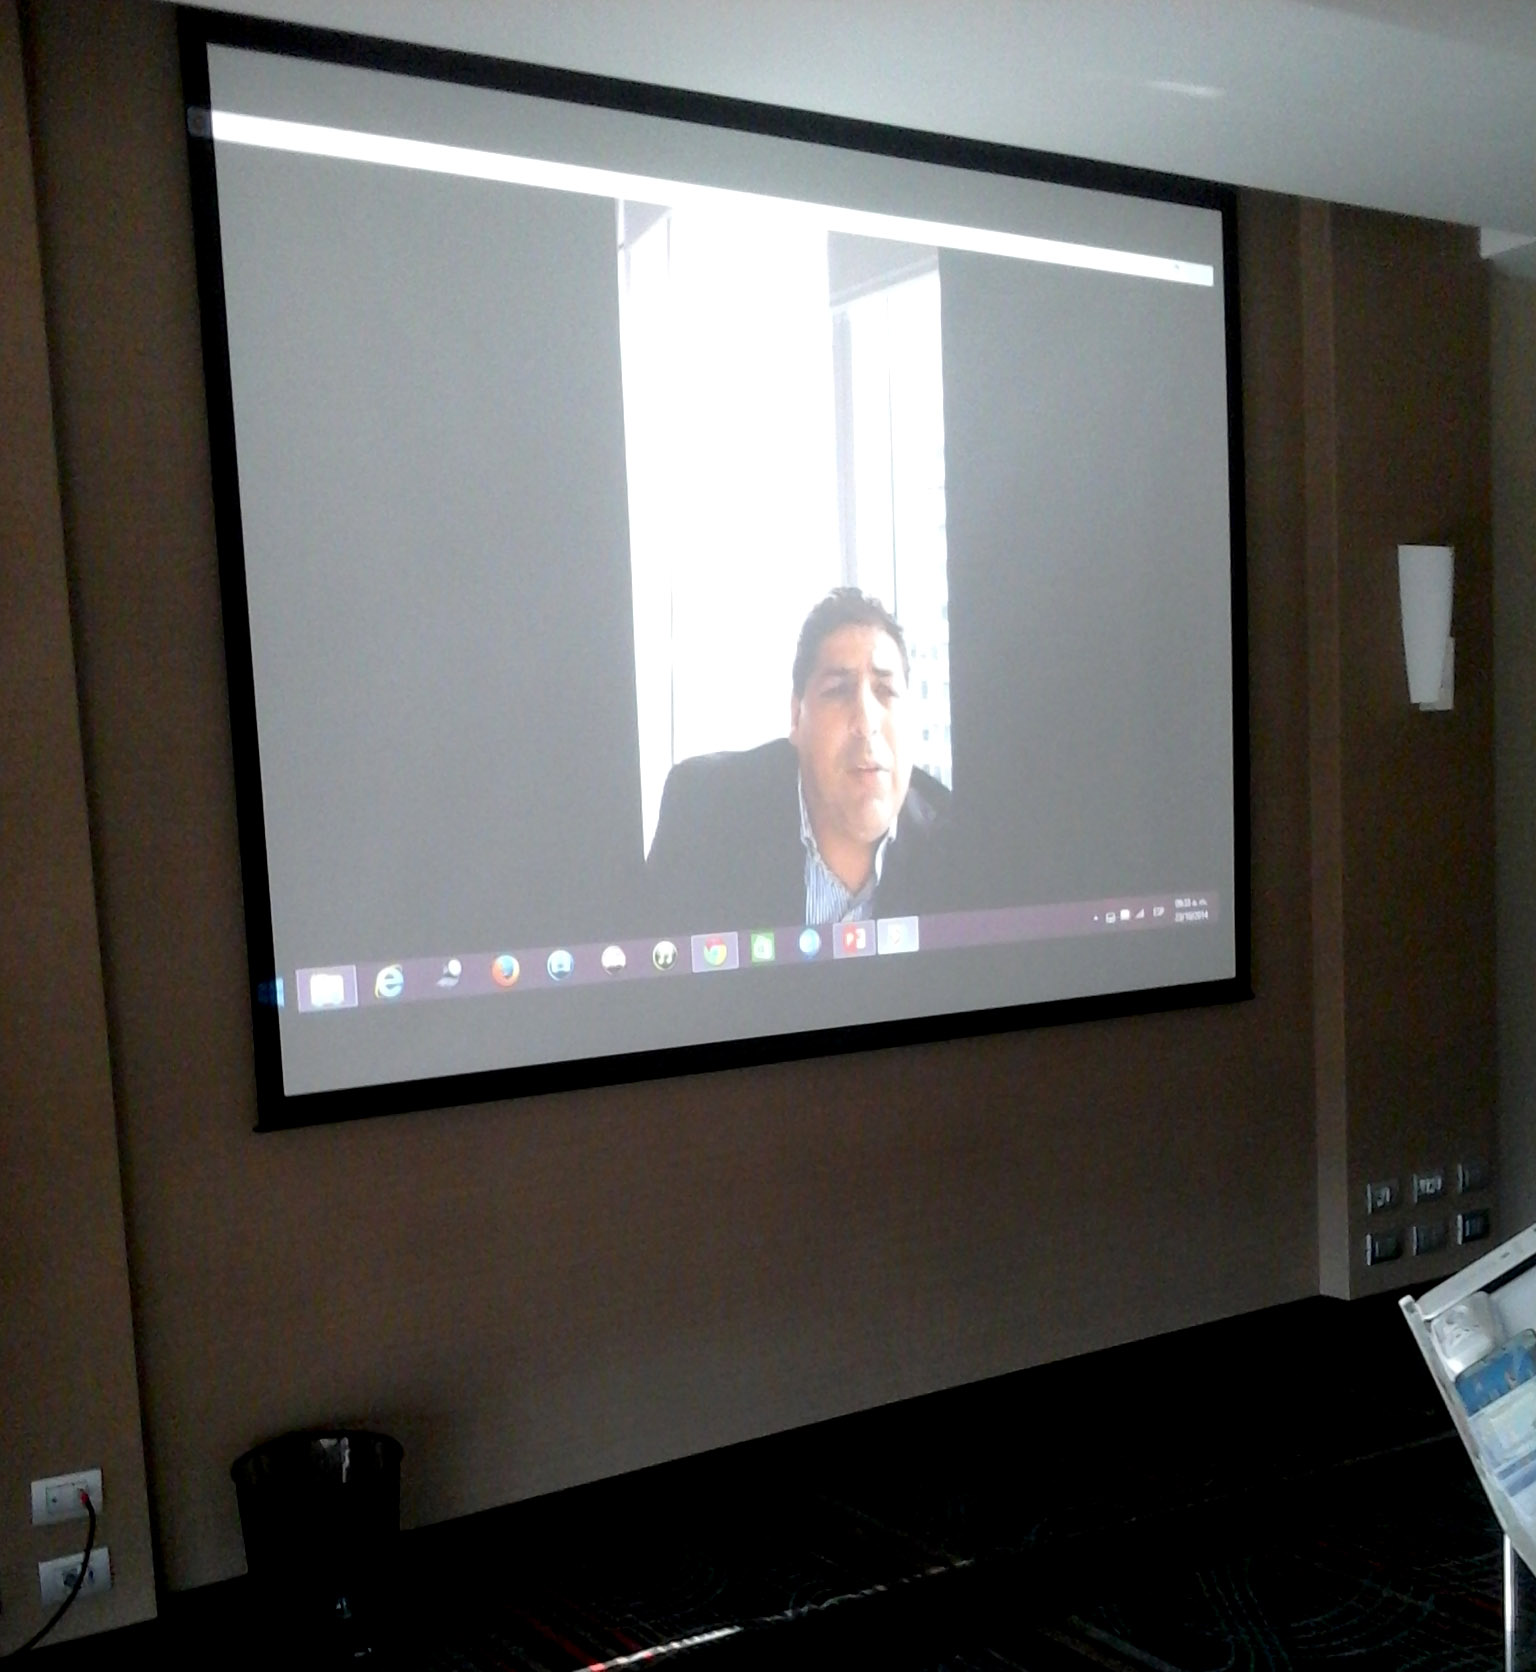 Conferencia en vivo con el Director de Optucorp